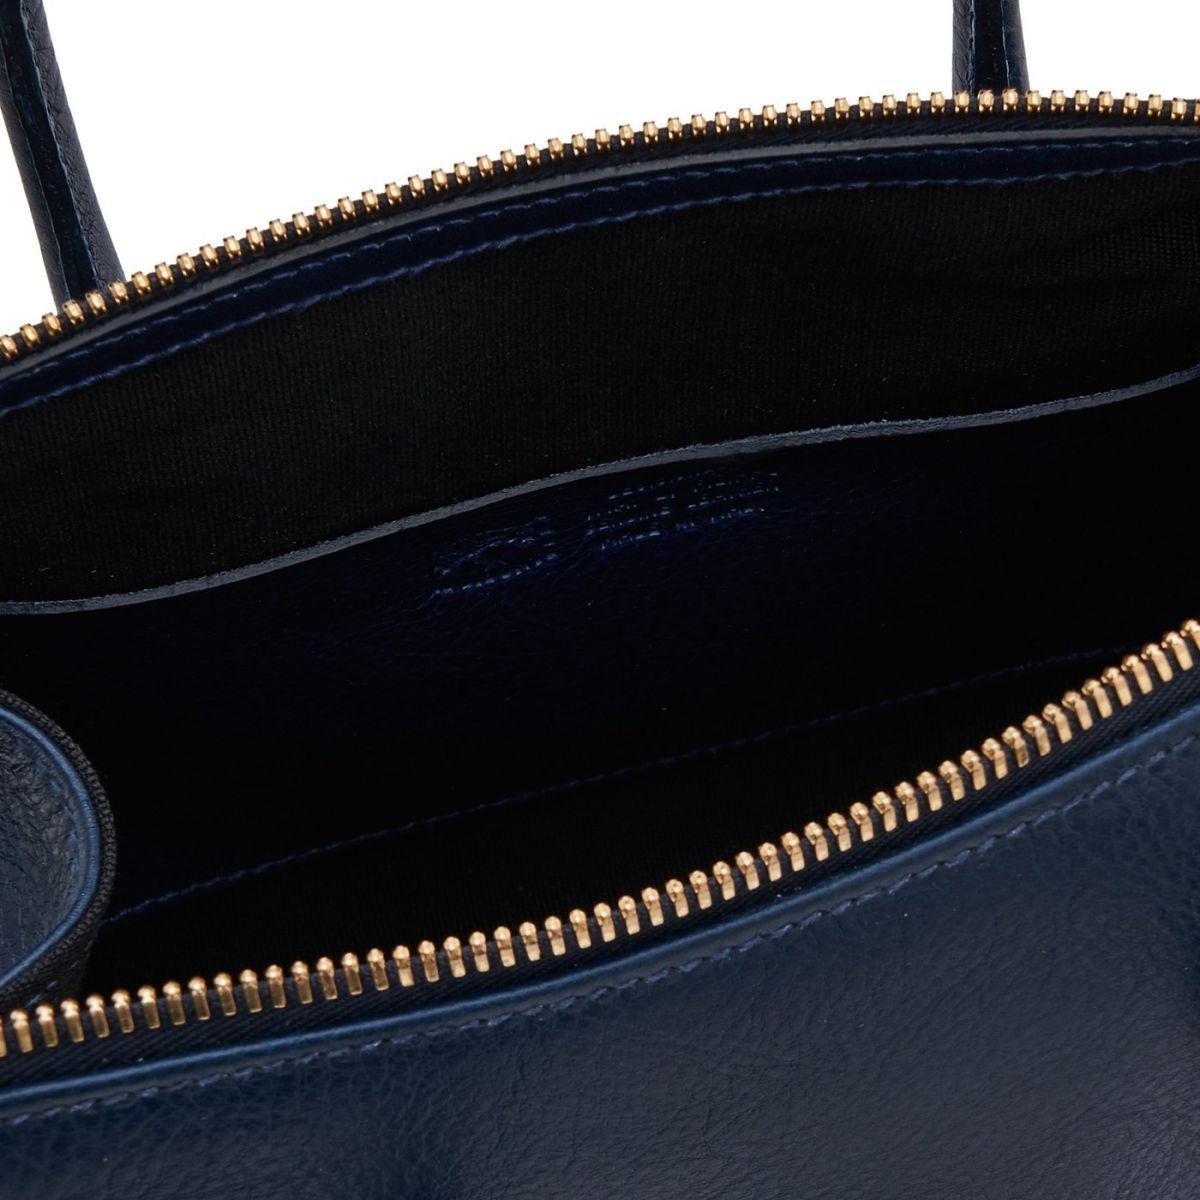 Sac A Main pour Femme Pratolino en Cuir De Vachette Doublé BTH049 couleur Bleu | Details